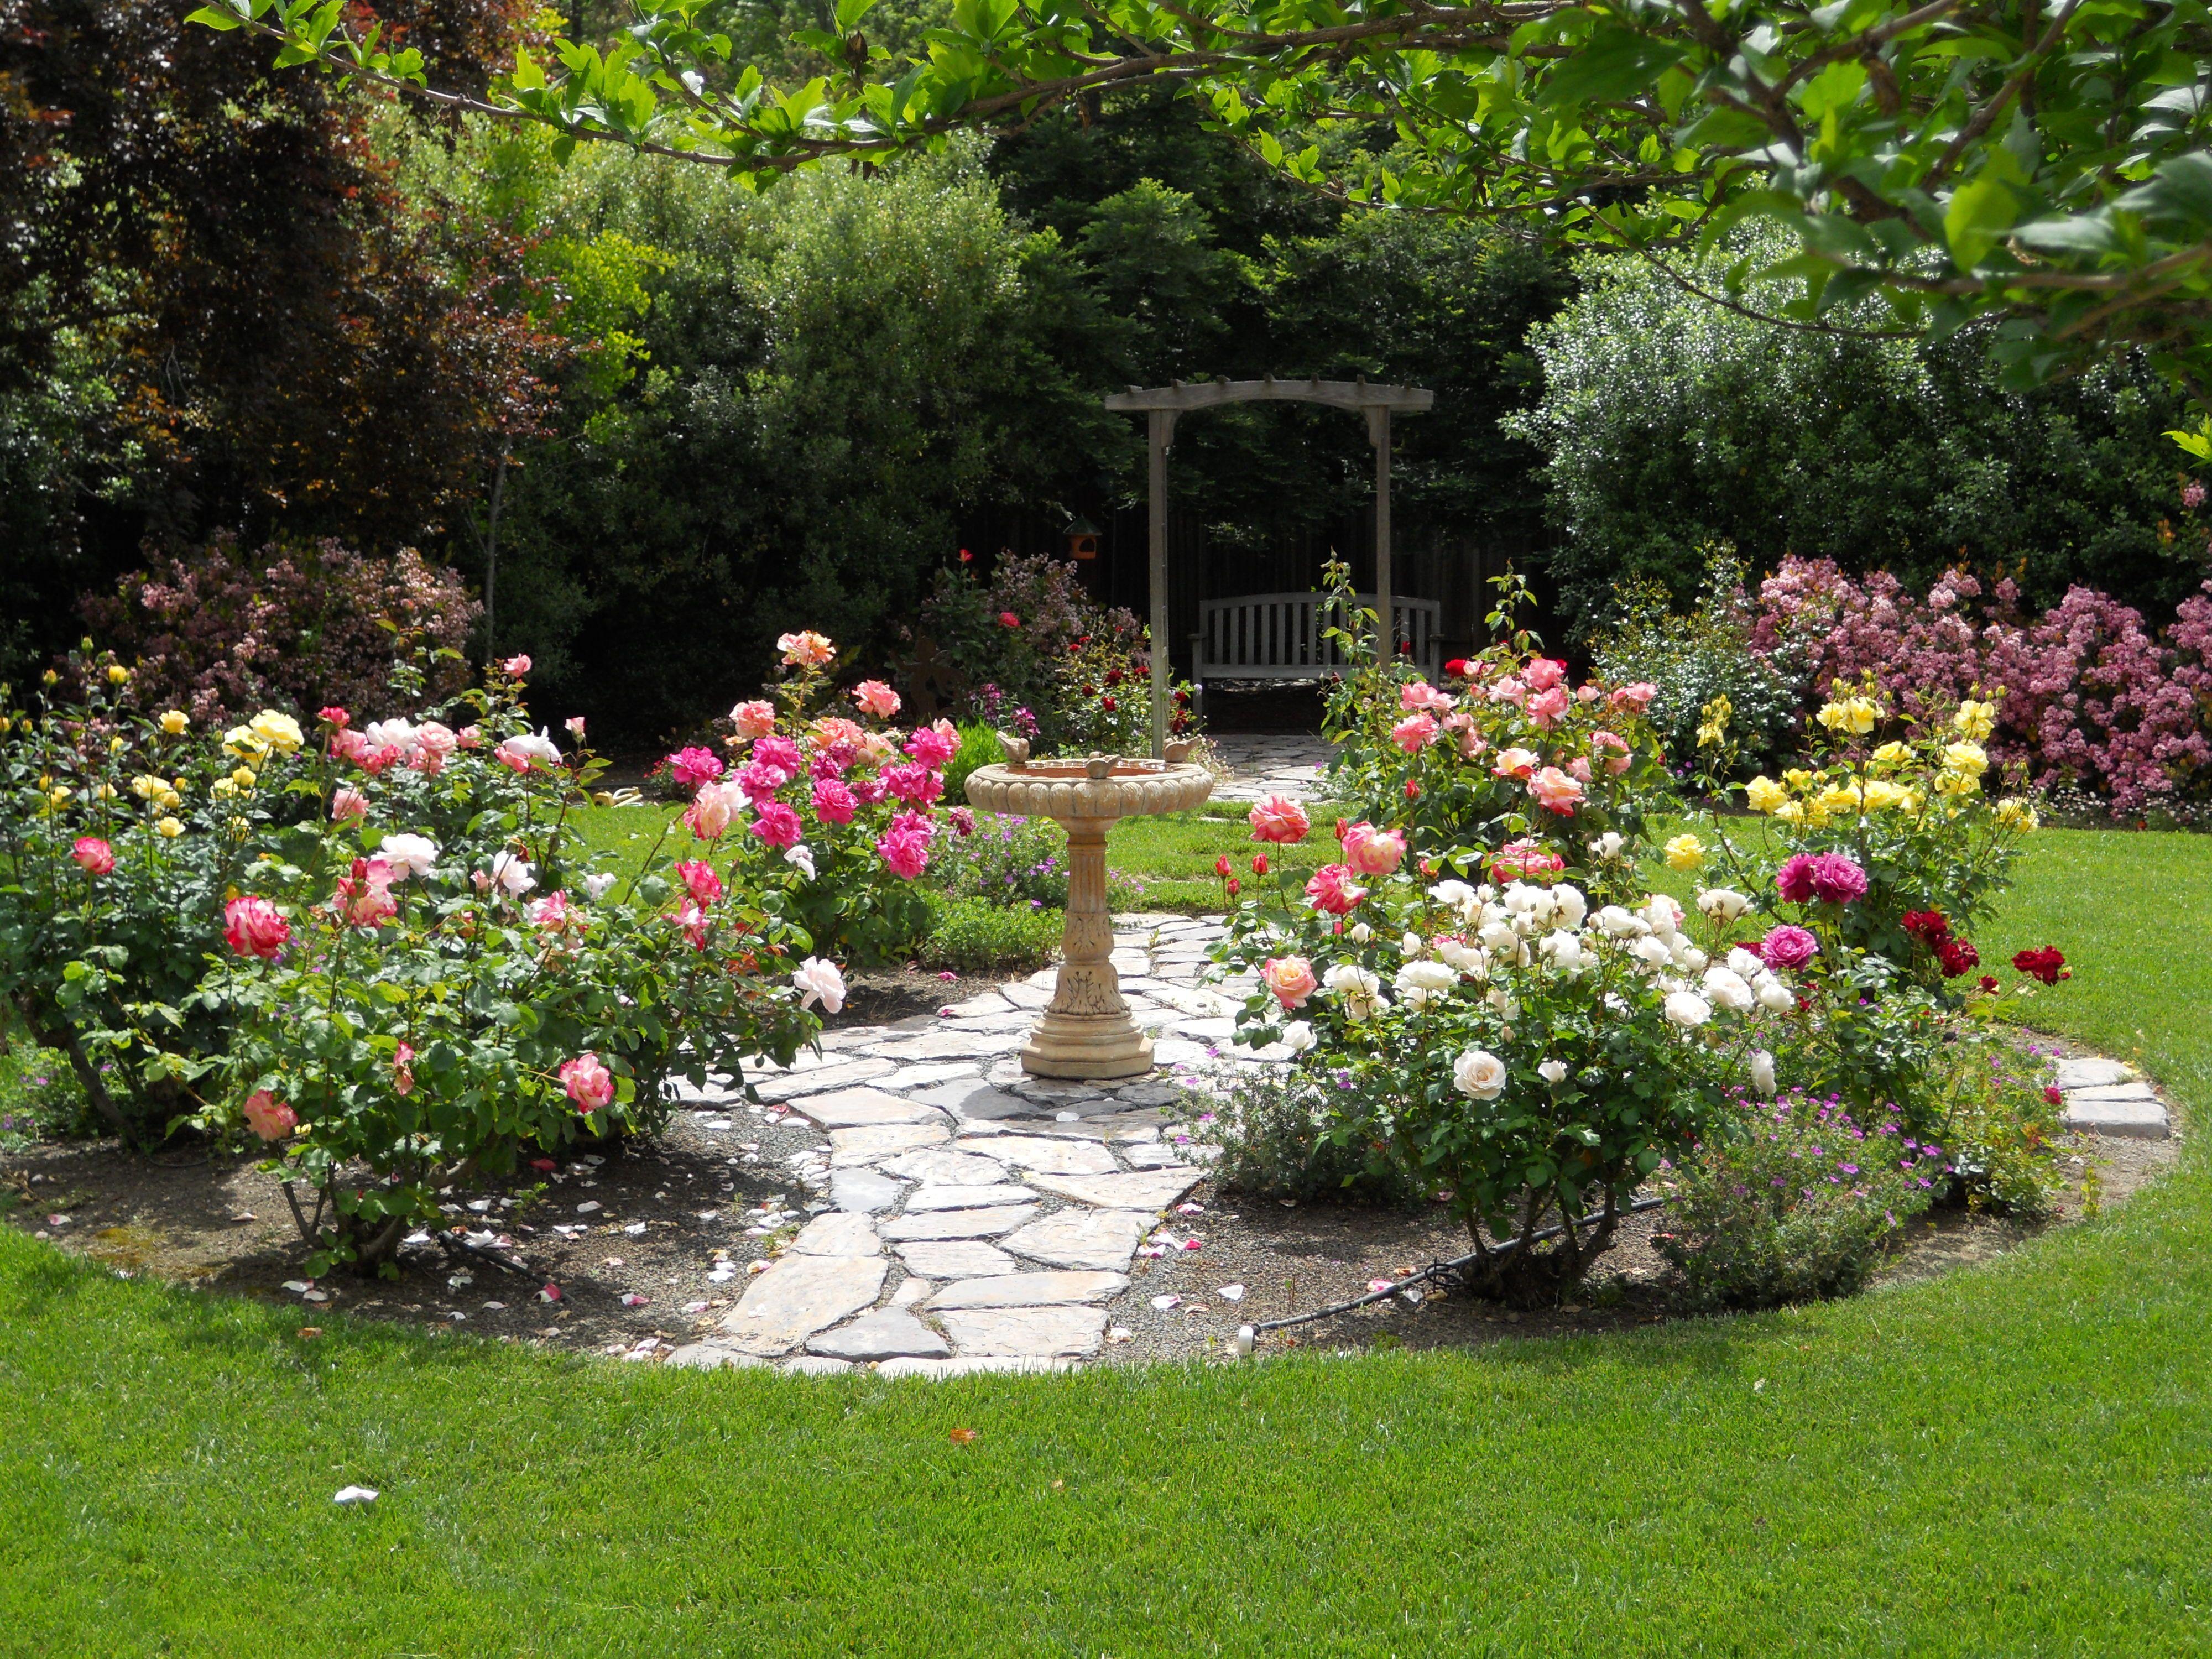 garden design ideas roses photo - 4